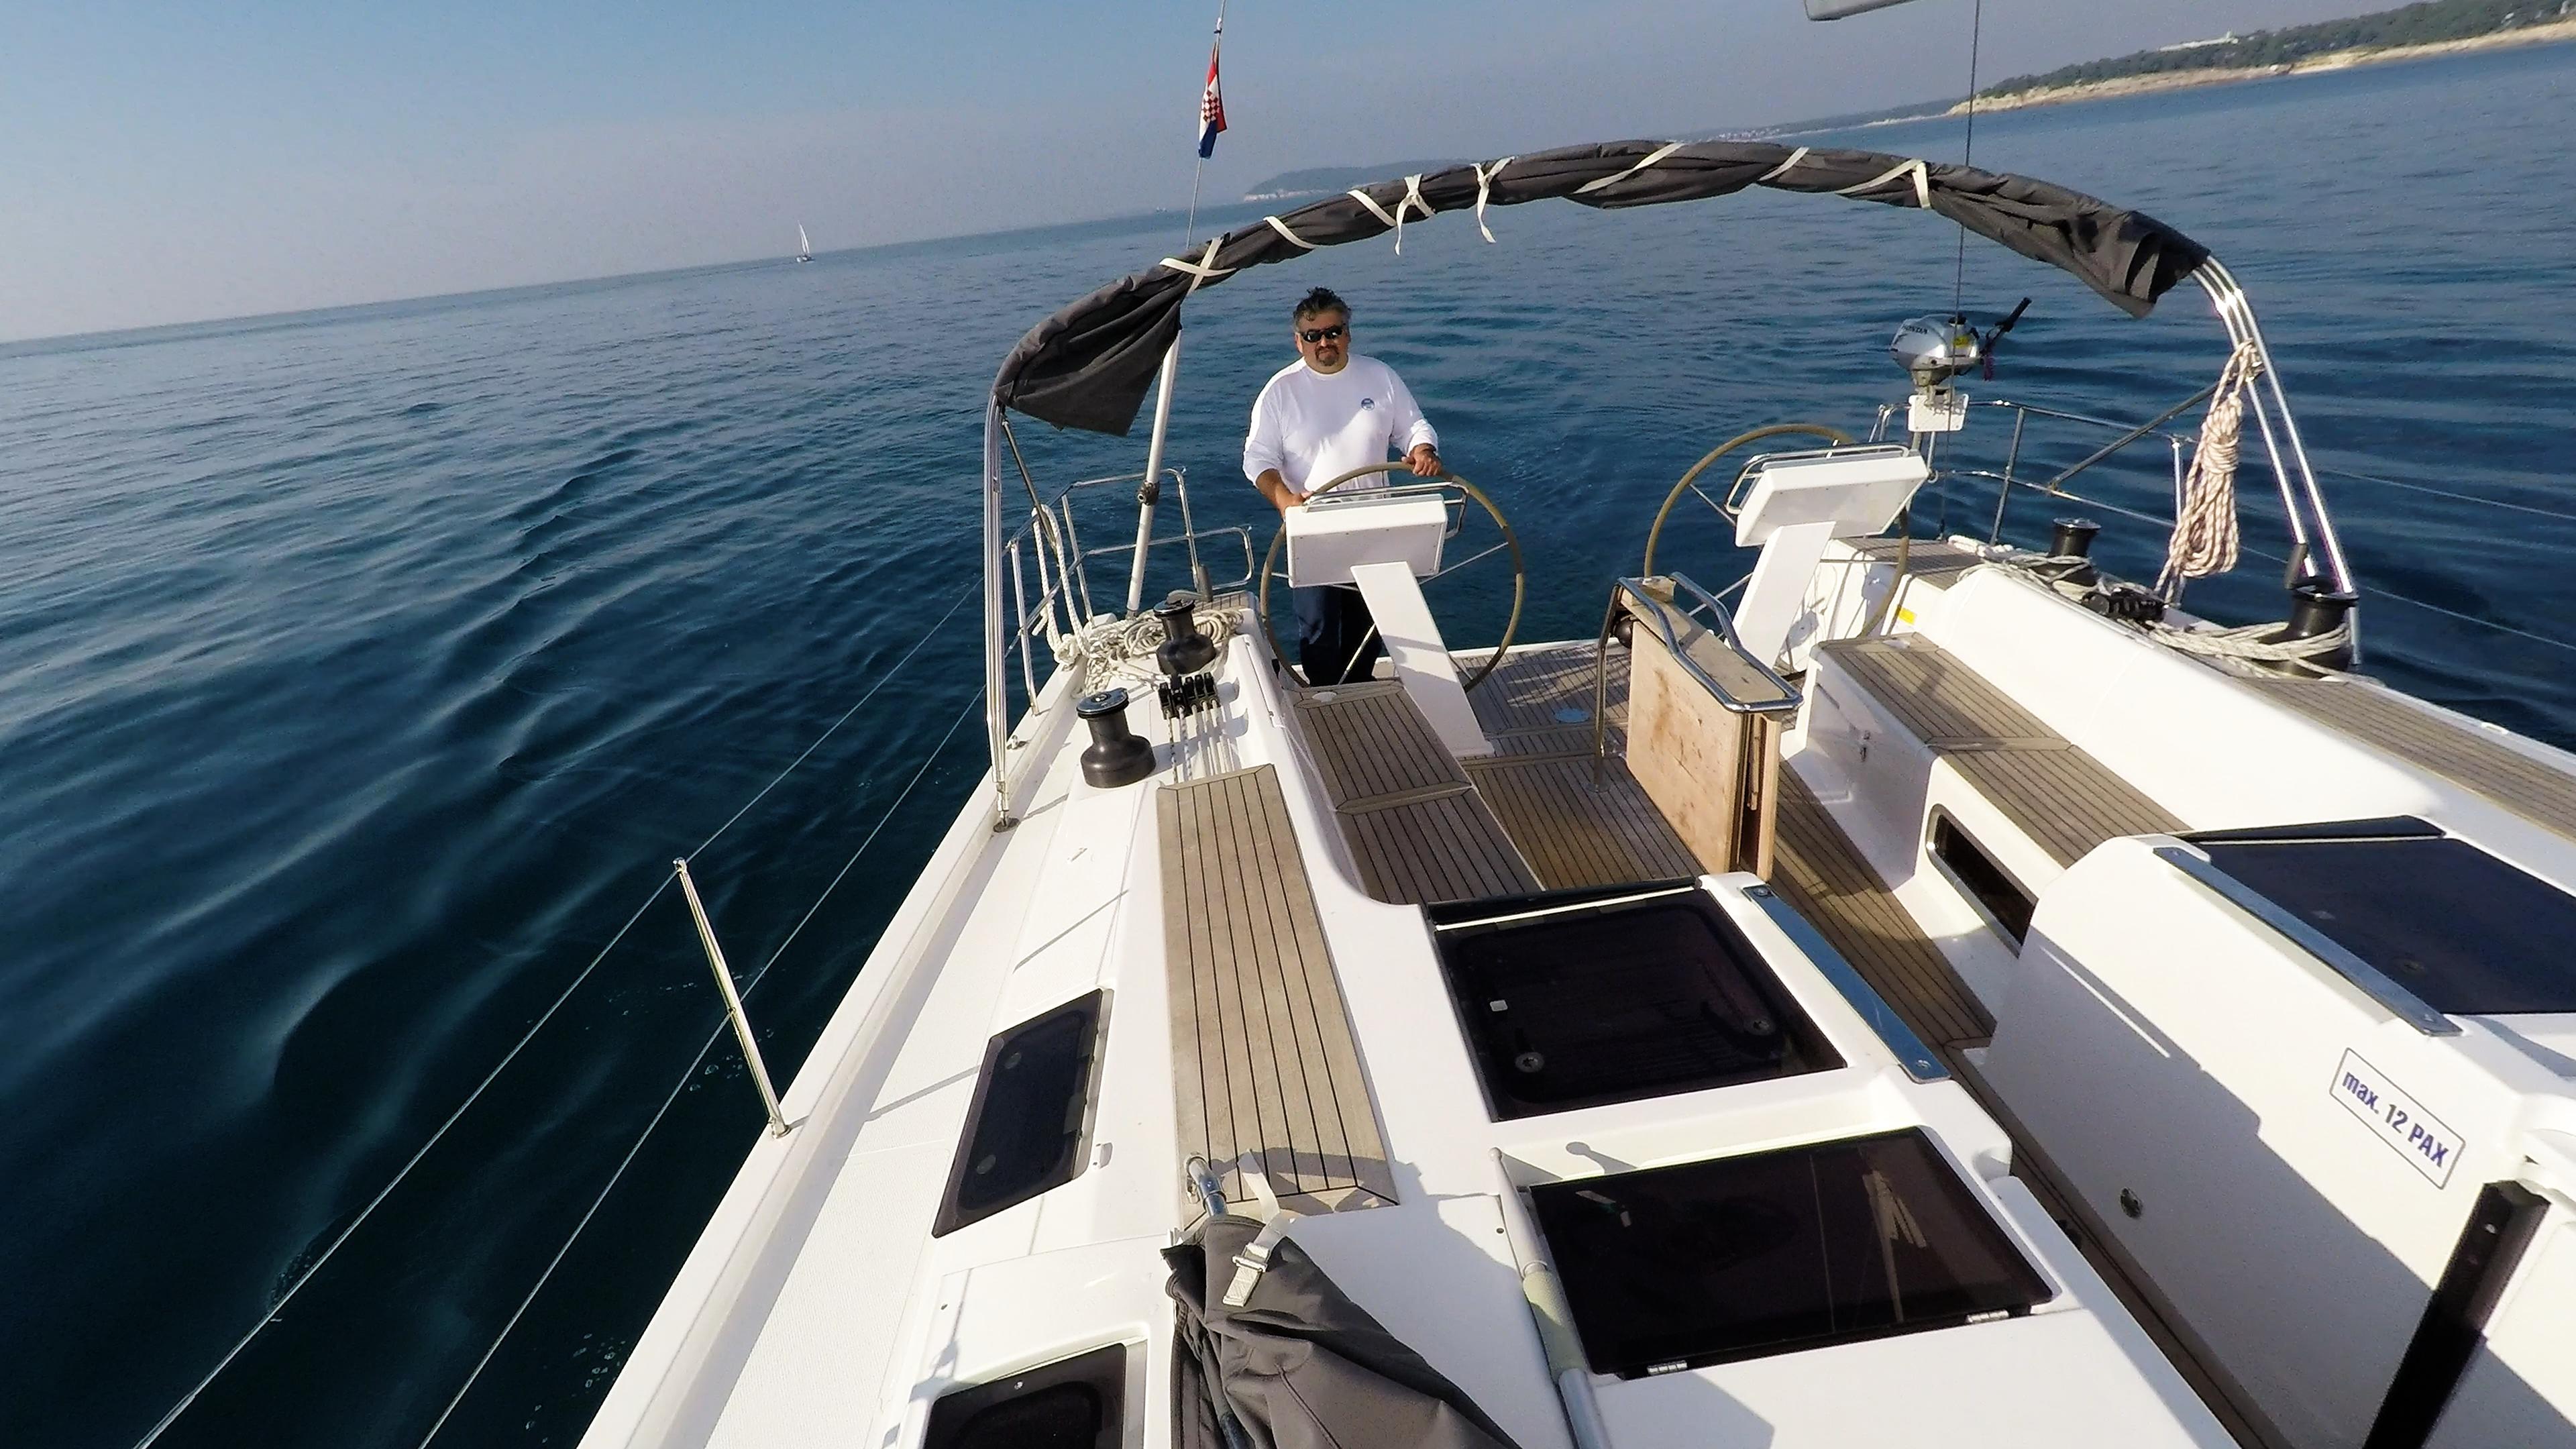 barcha a vela Hanse 505 skipper pozzetto timoni ruota doppio poppa ponte mare yacht a vela barca